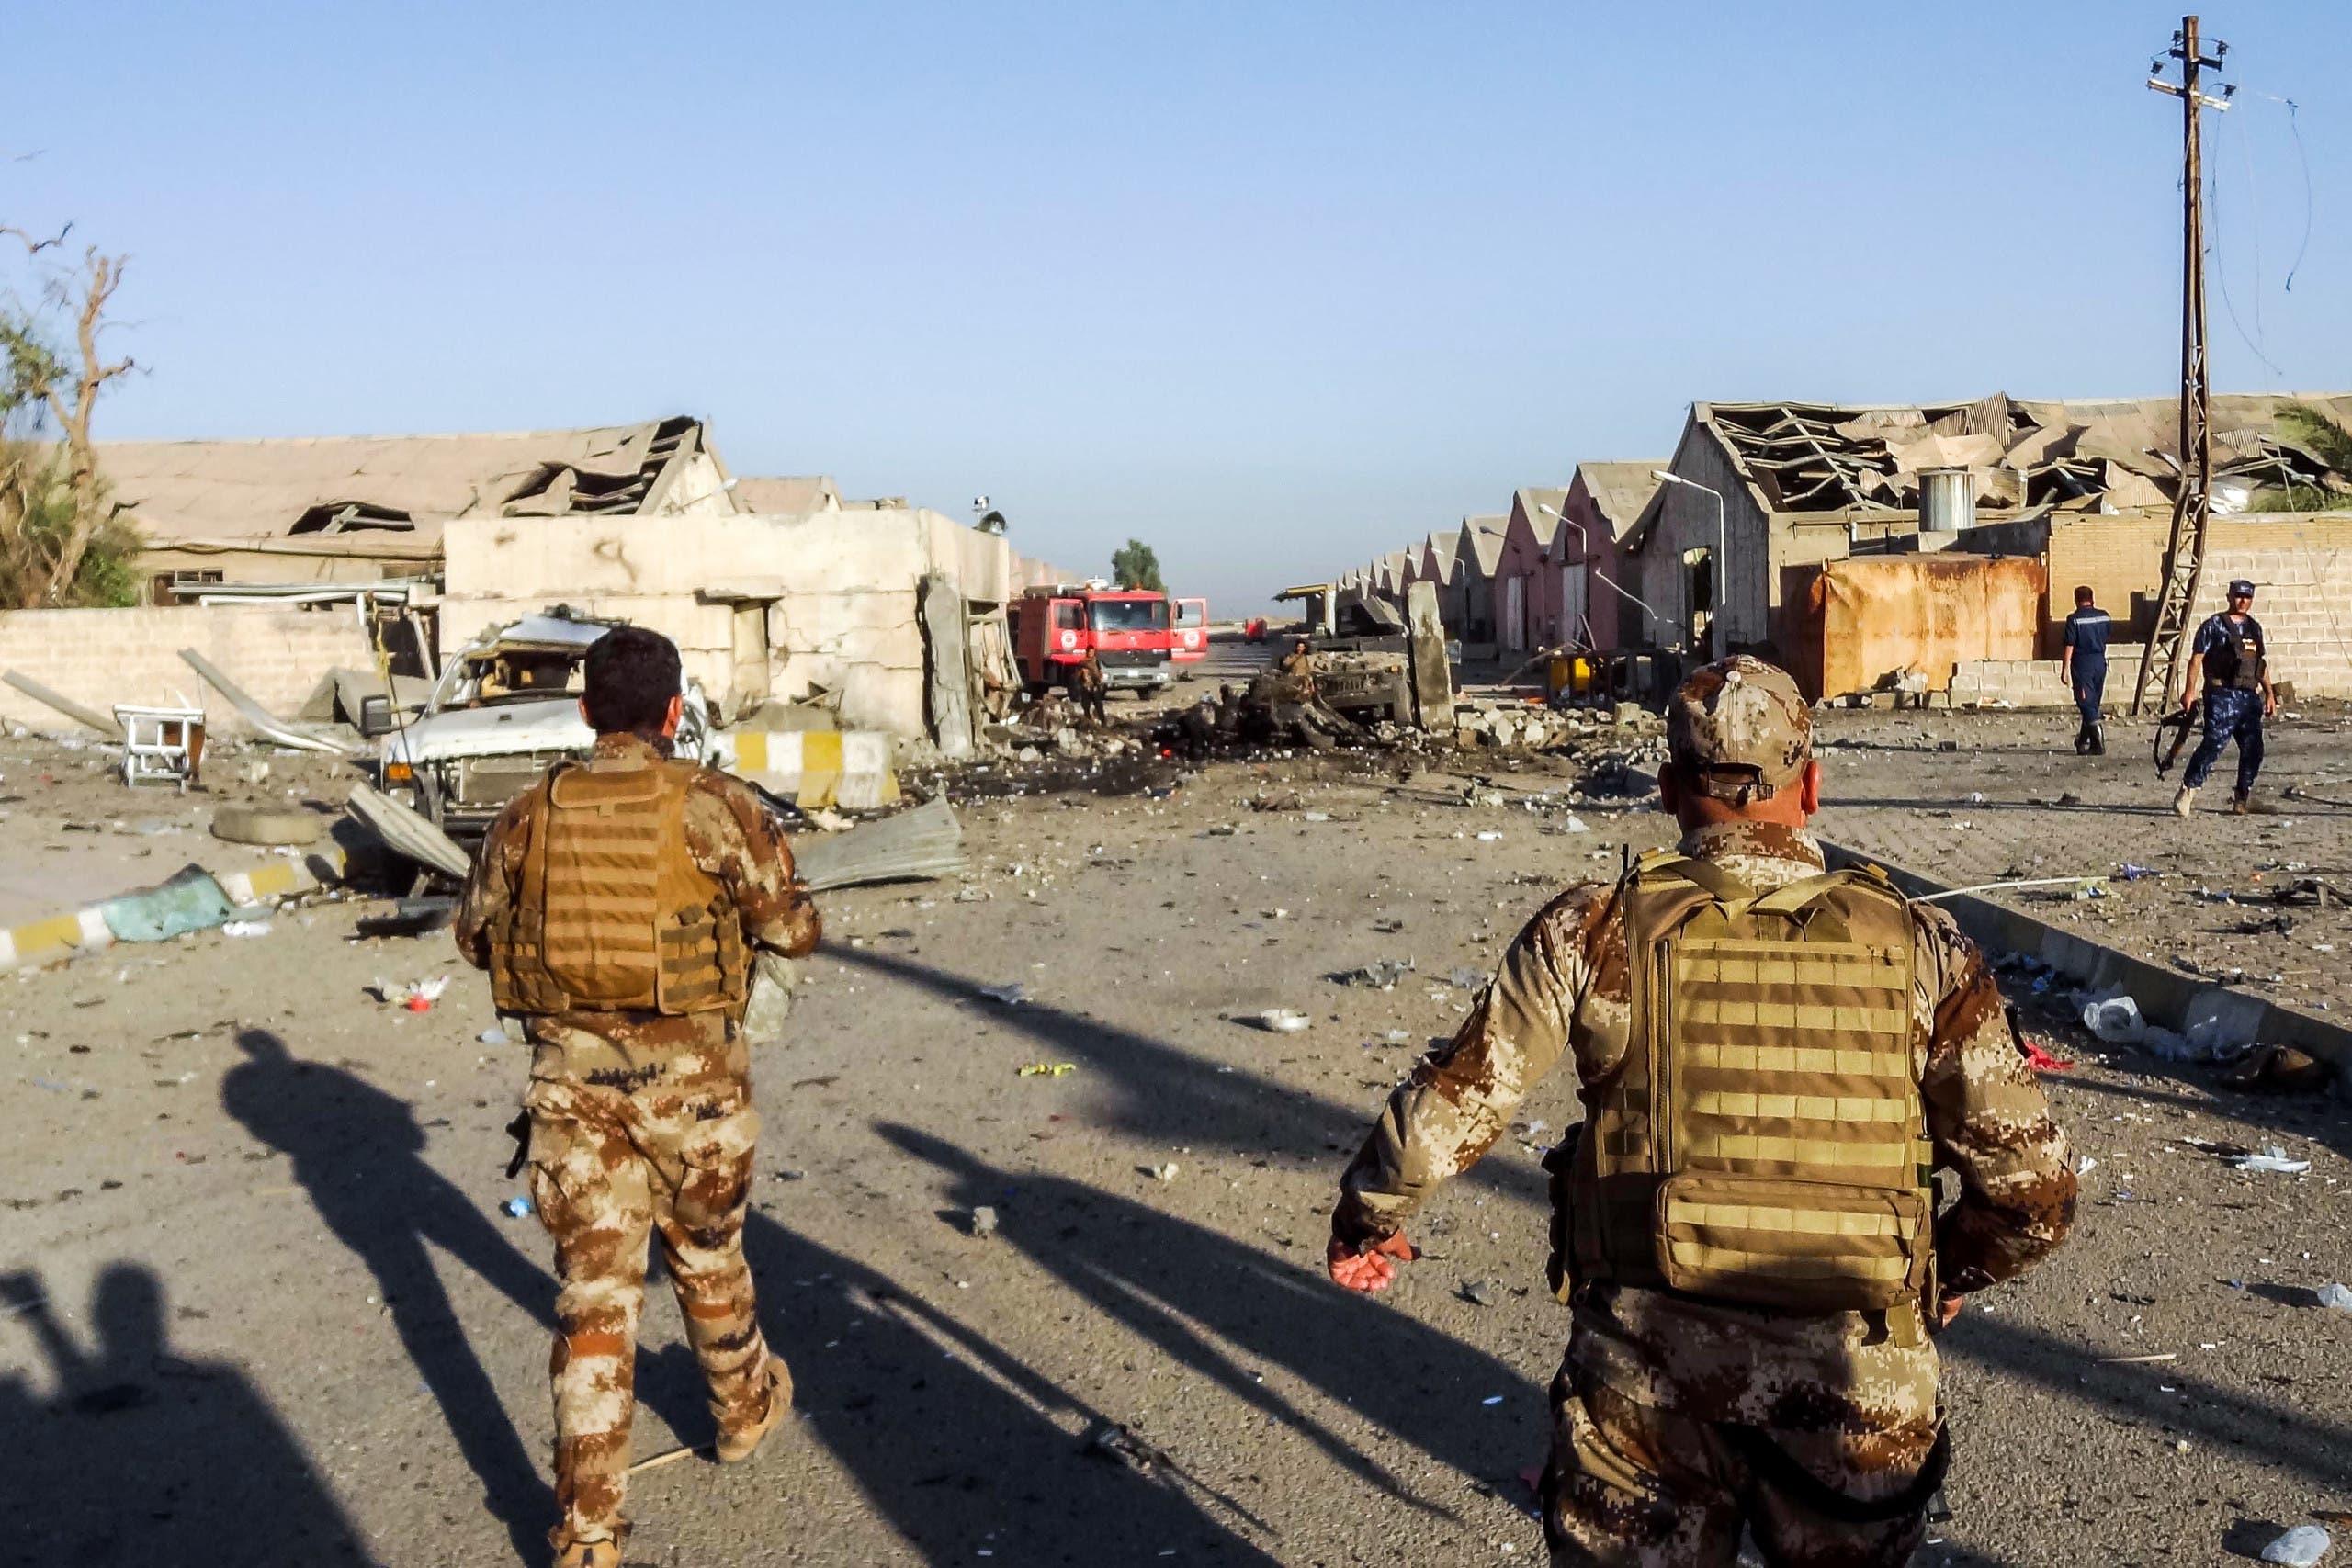 قوات مكافحة الإرهاب في كركوك بعد هجوم على مركز لمفوضية الانتخابات في 2018